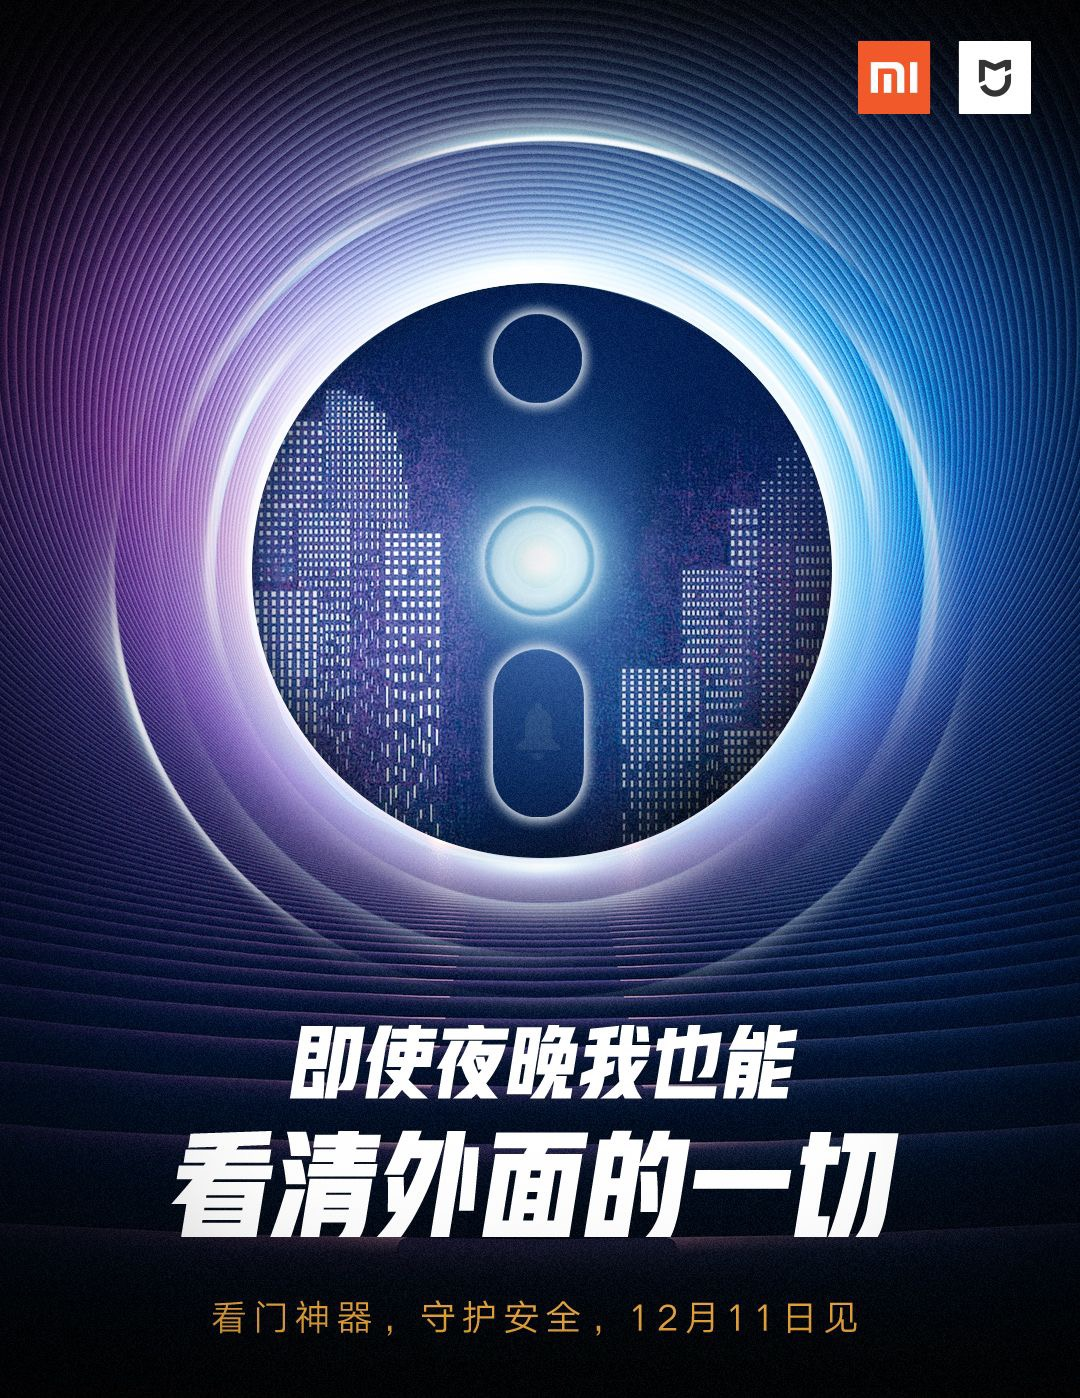 Redmi presentará su nuevo timbre con mirilla inteligente junto al Redmi K30. Noticias Xiaomi Adictos